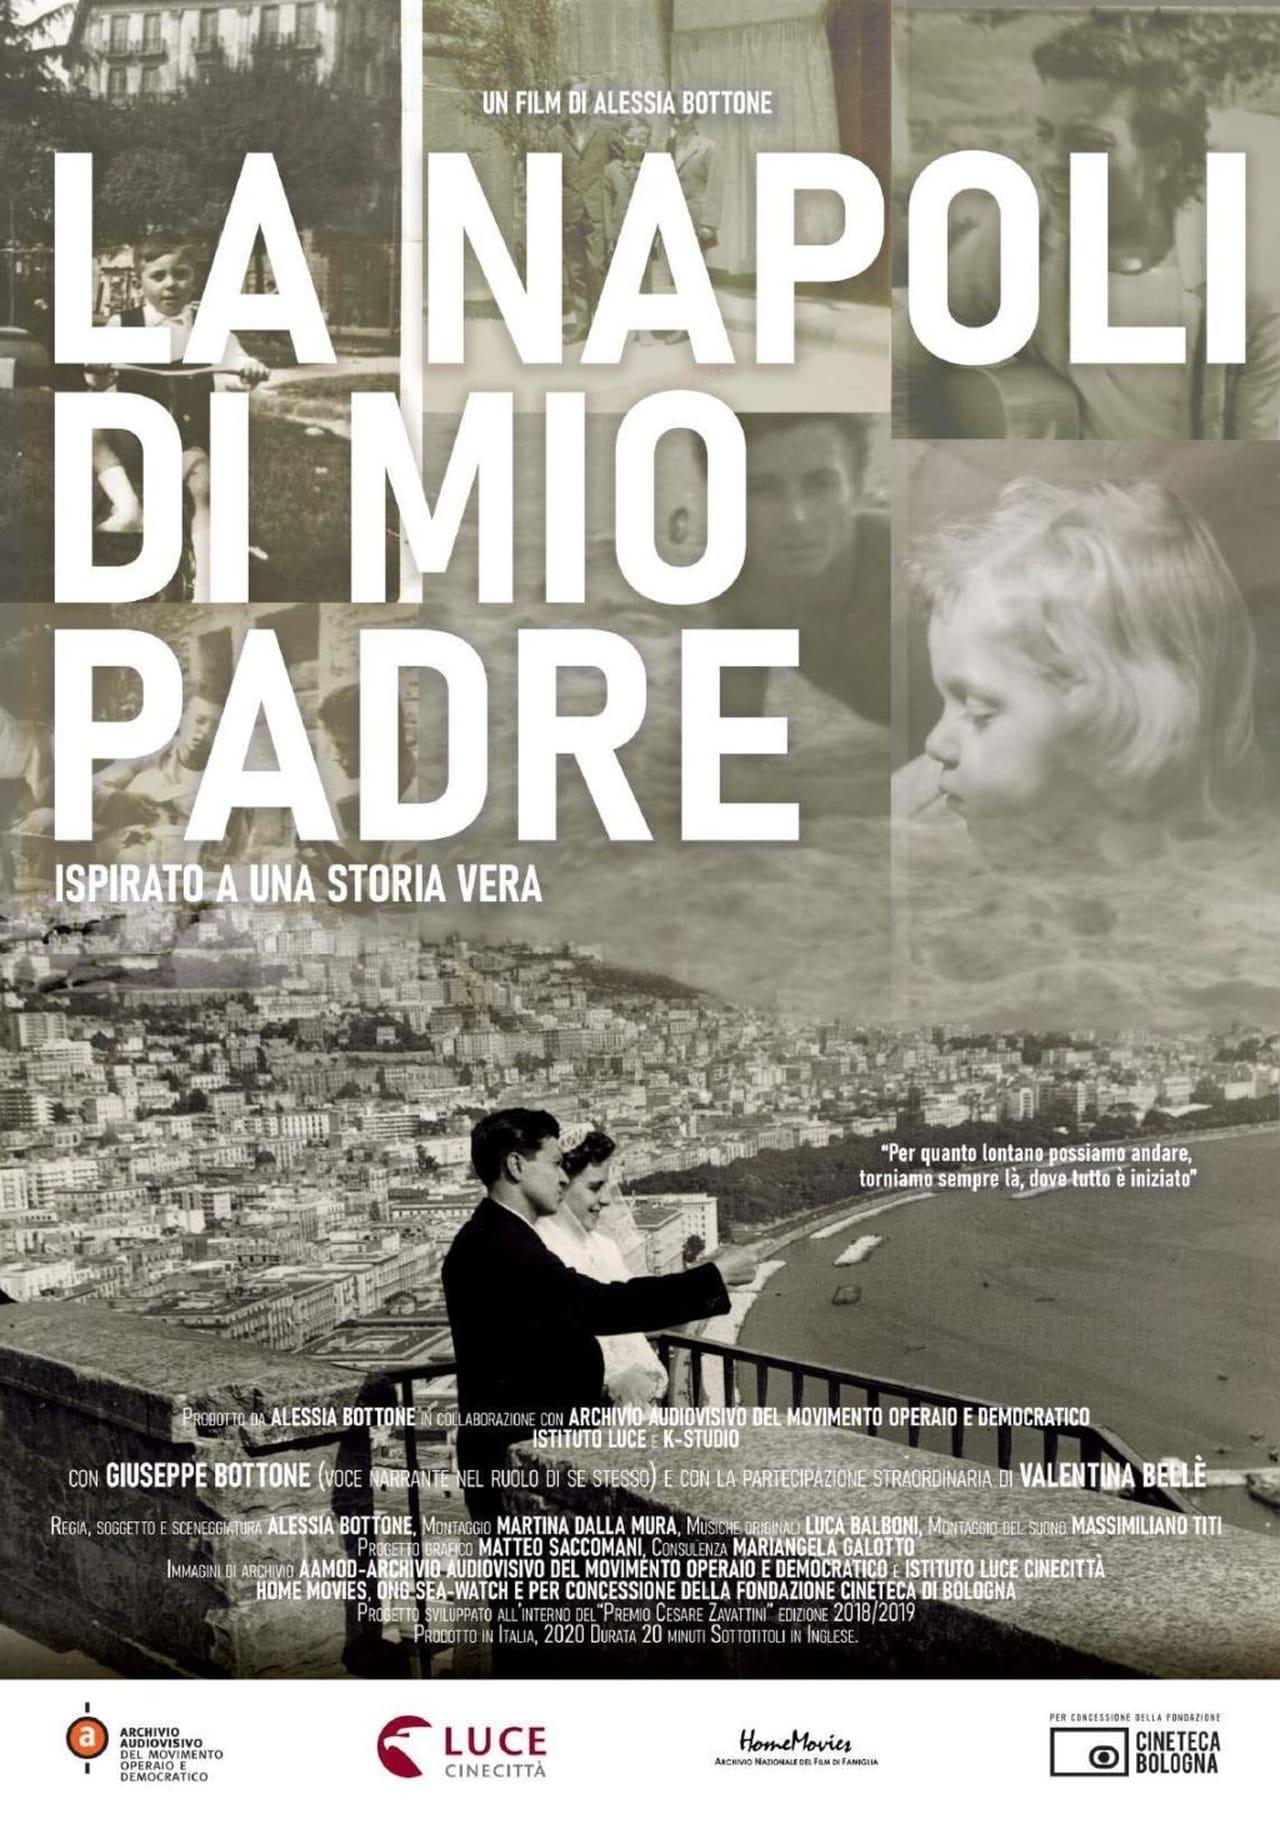 La Napoli di mio padre (2020)